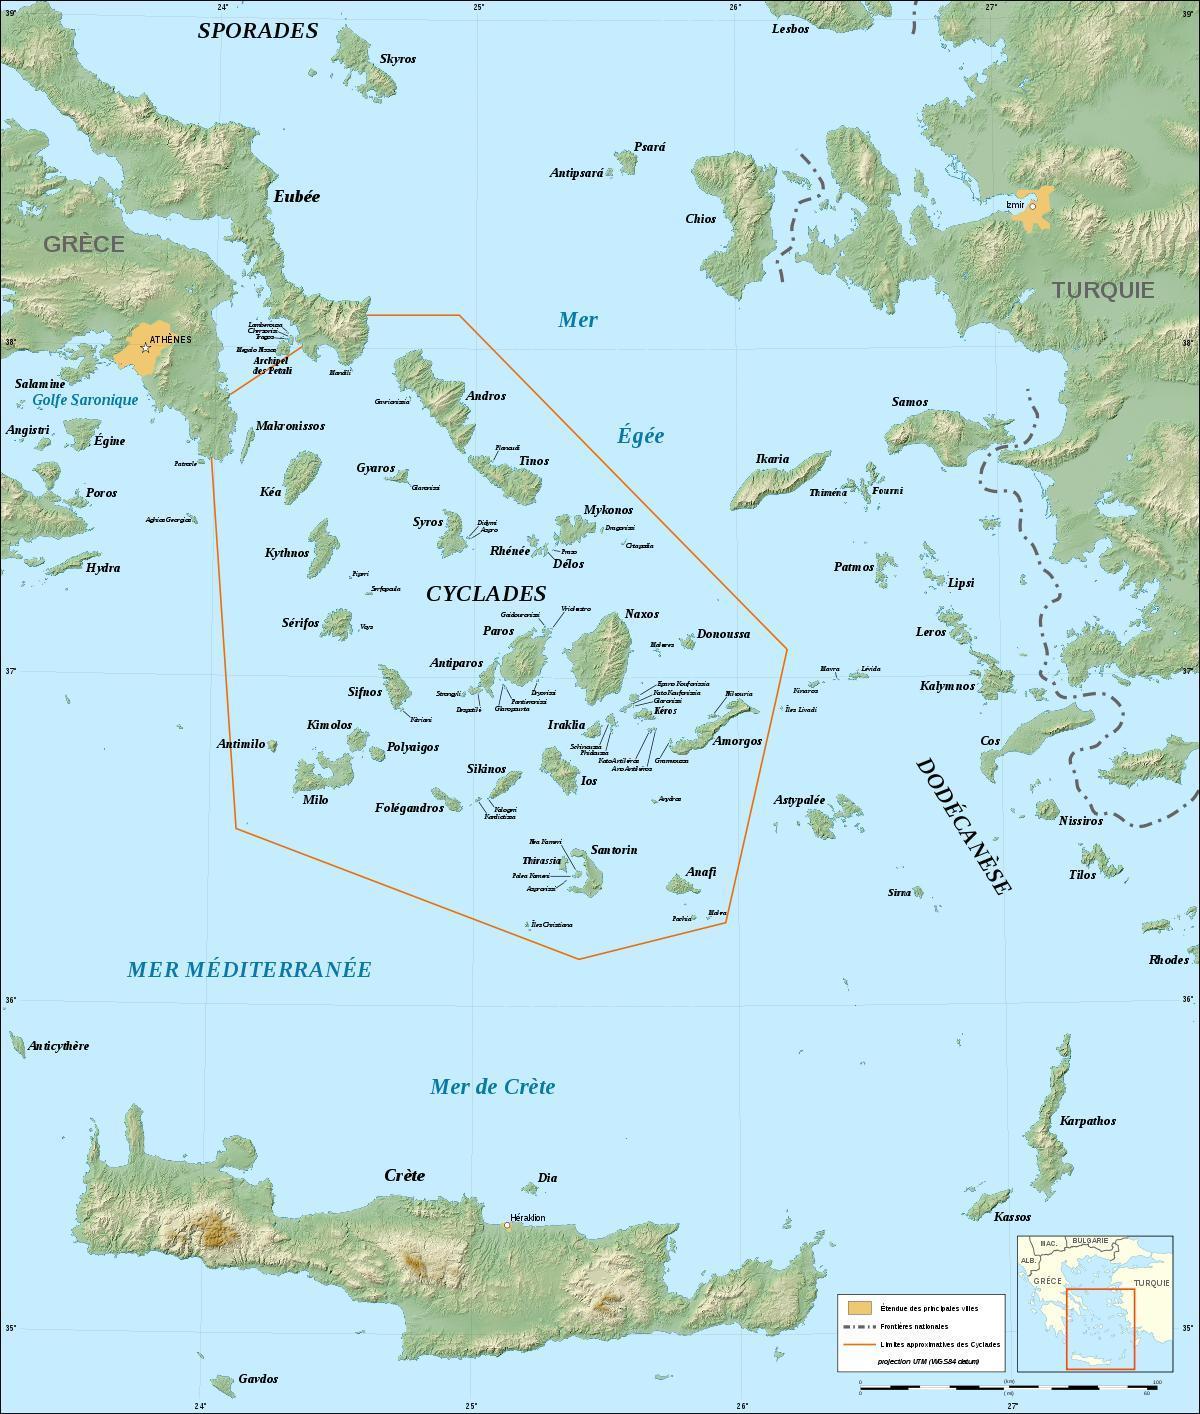 kykladerna karta Grekiska kykladerna karta   Karta över kykladerna grekiska öarna  kykladerna karta